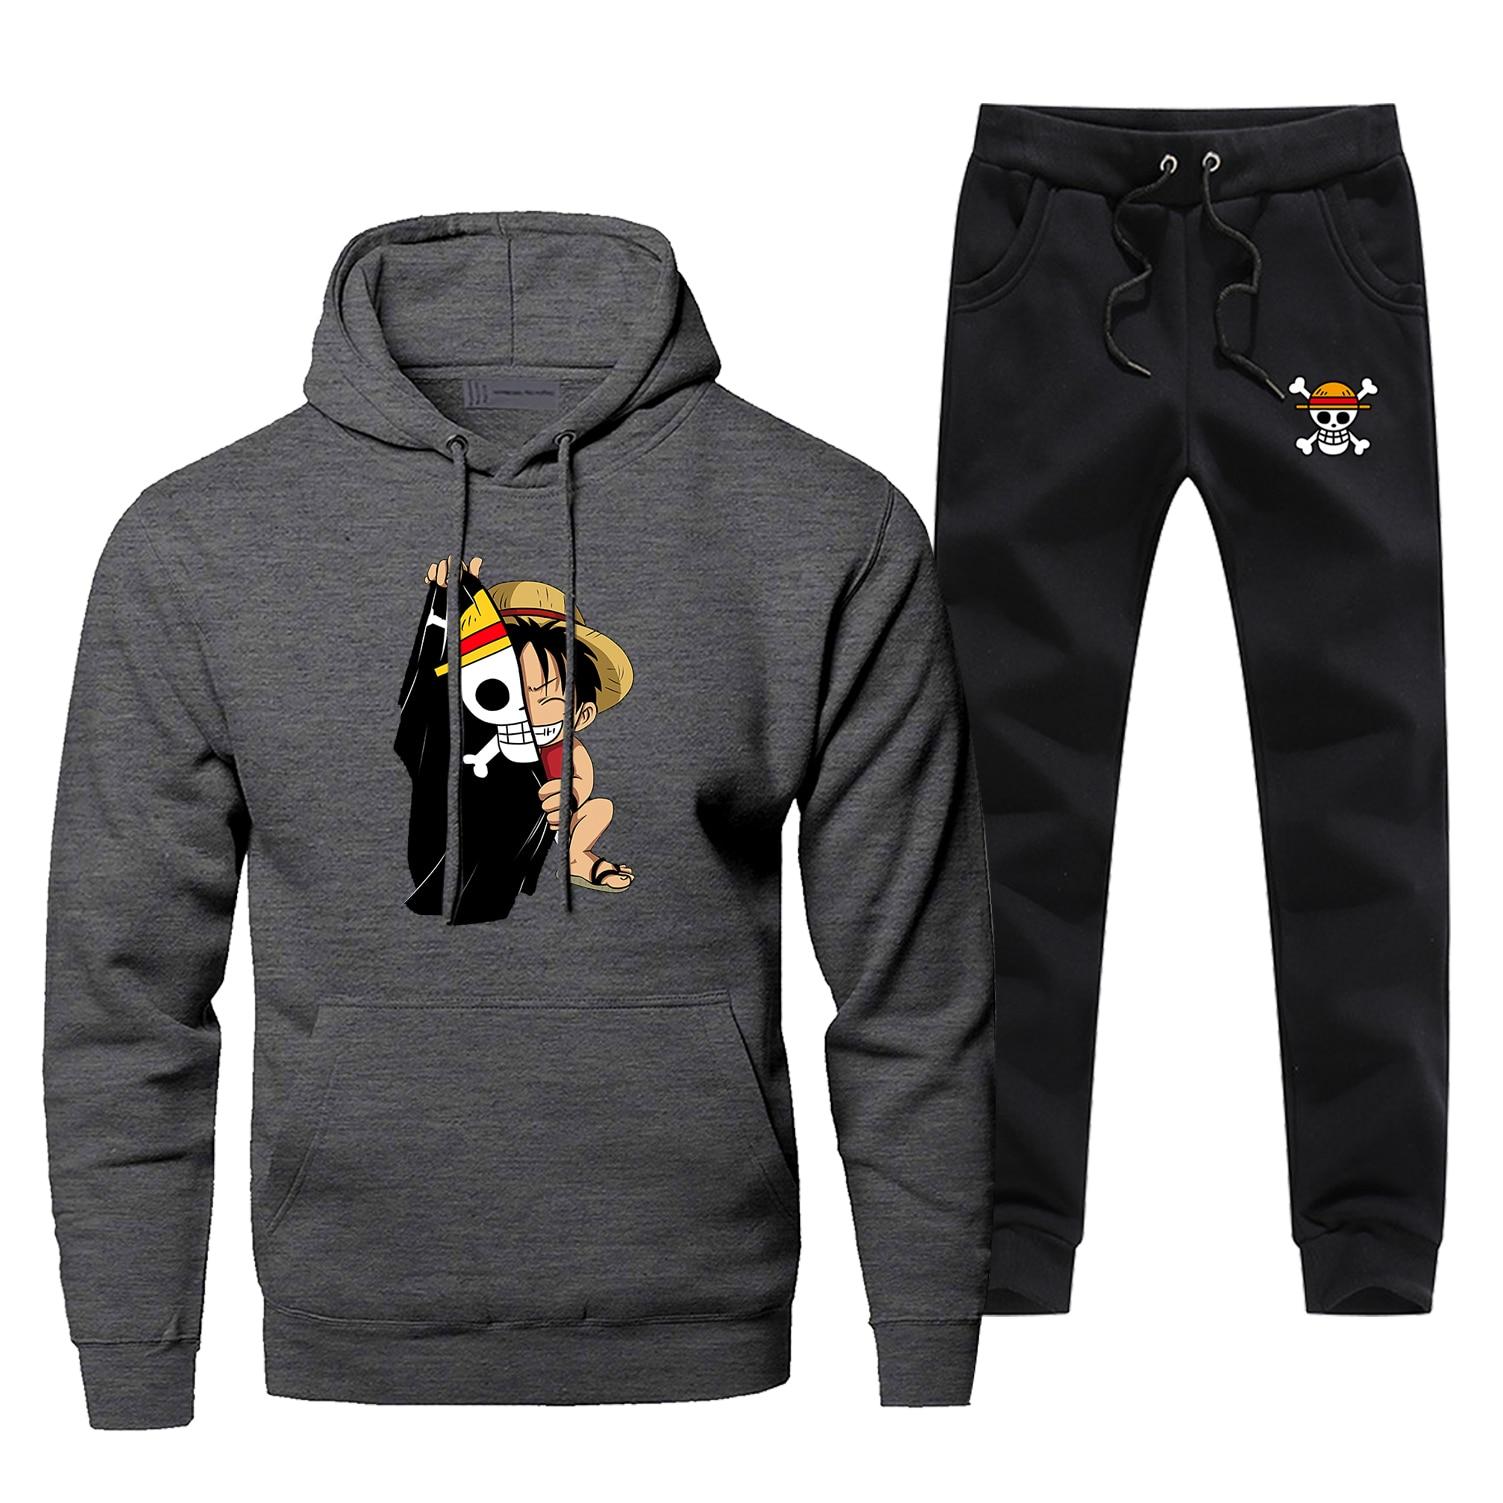 Japanese Anime Hoodie One Piece Luffy Skull Mens Hoodies Pants 2piece Sets  Casual Men Sweatshirt Harajuku Streetwear Sweatpants